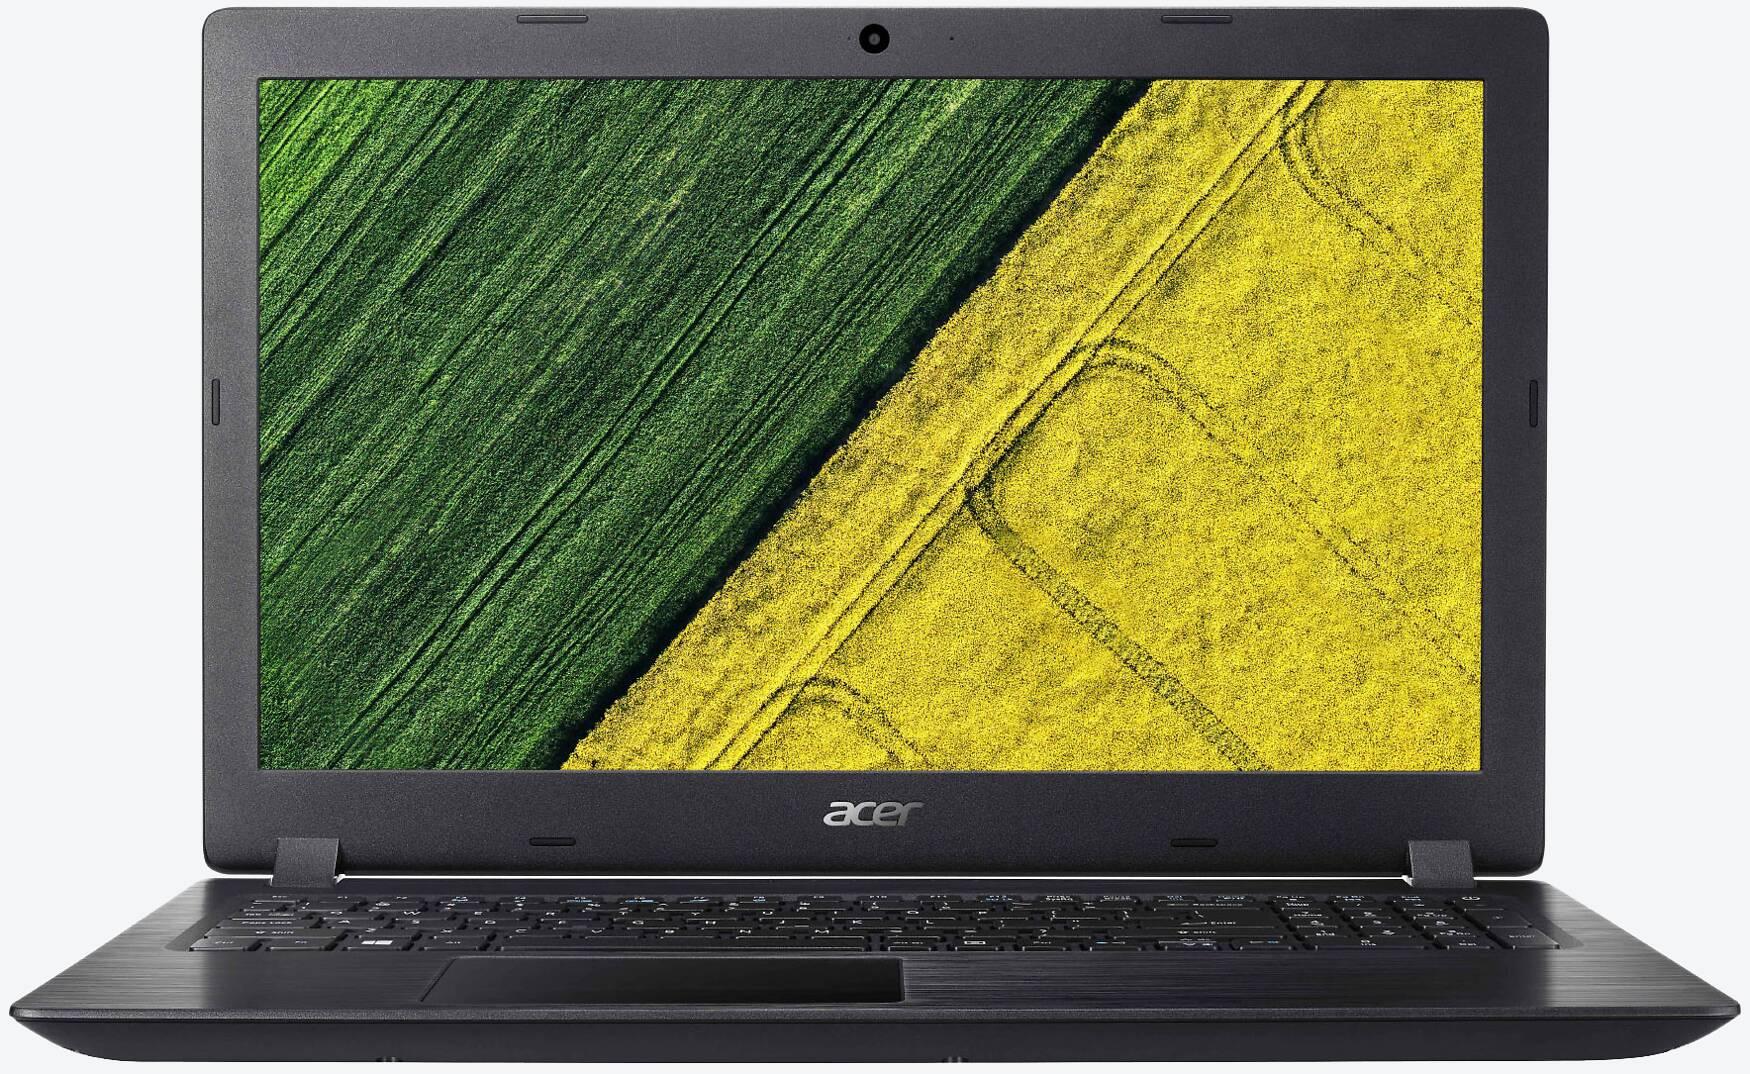 Acer Aspire 3 A315-41-R236